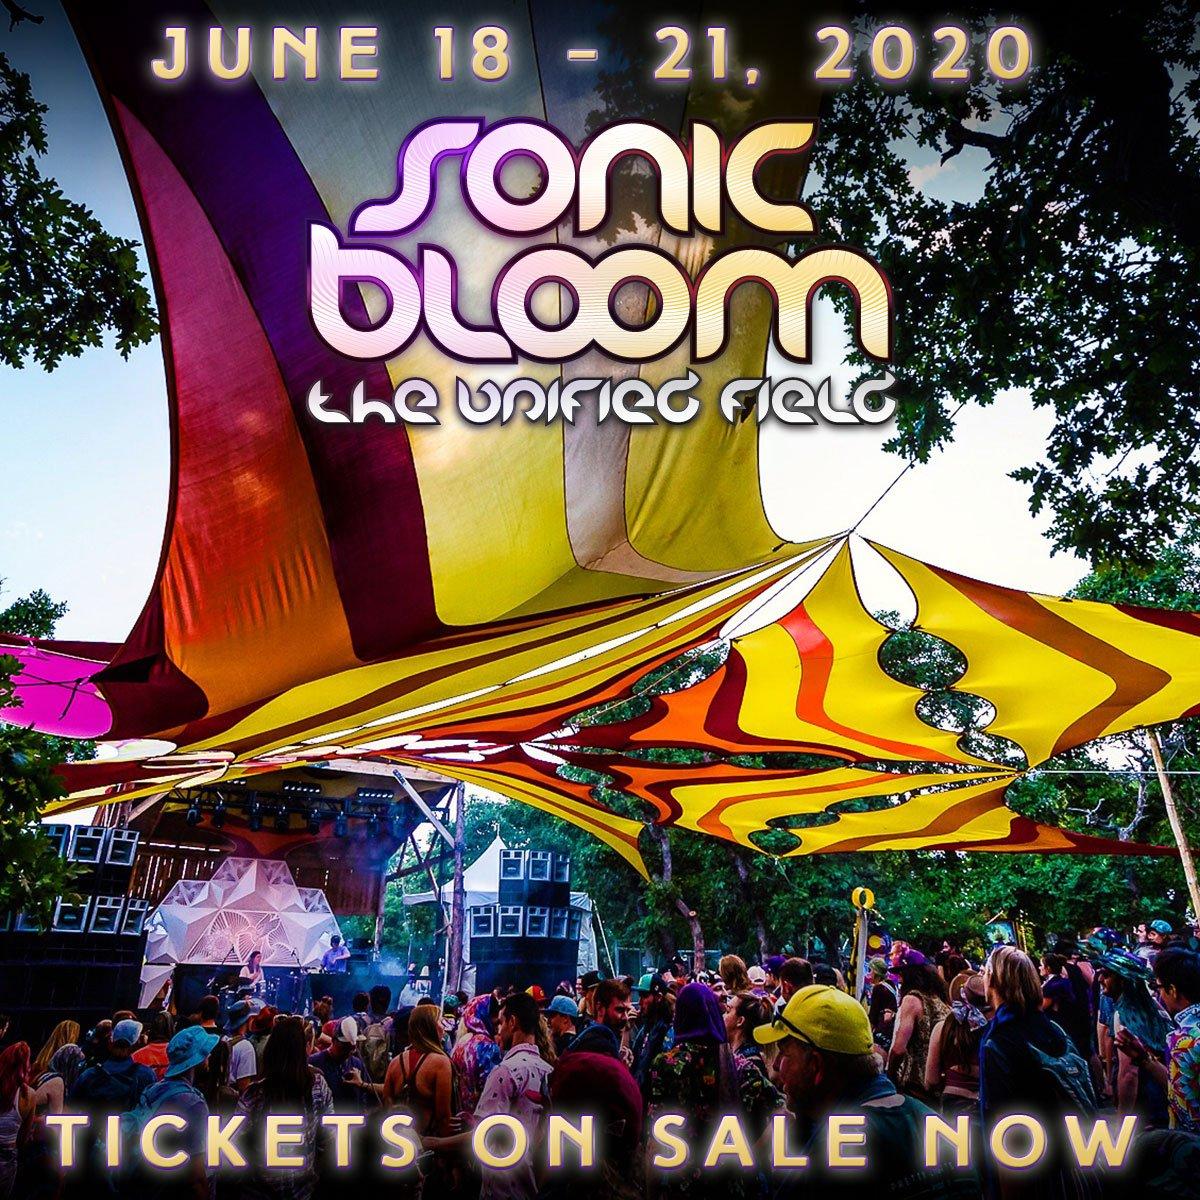 Bloom Festival 2020 SONIC BLOOM (@SONIC_BLOOM) | Twitter